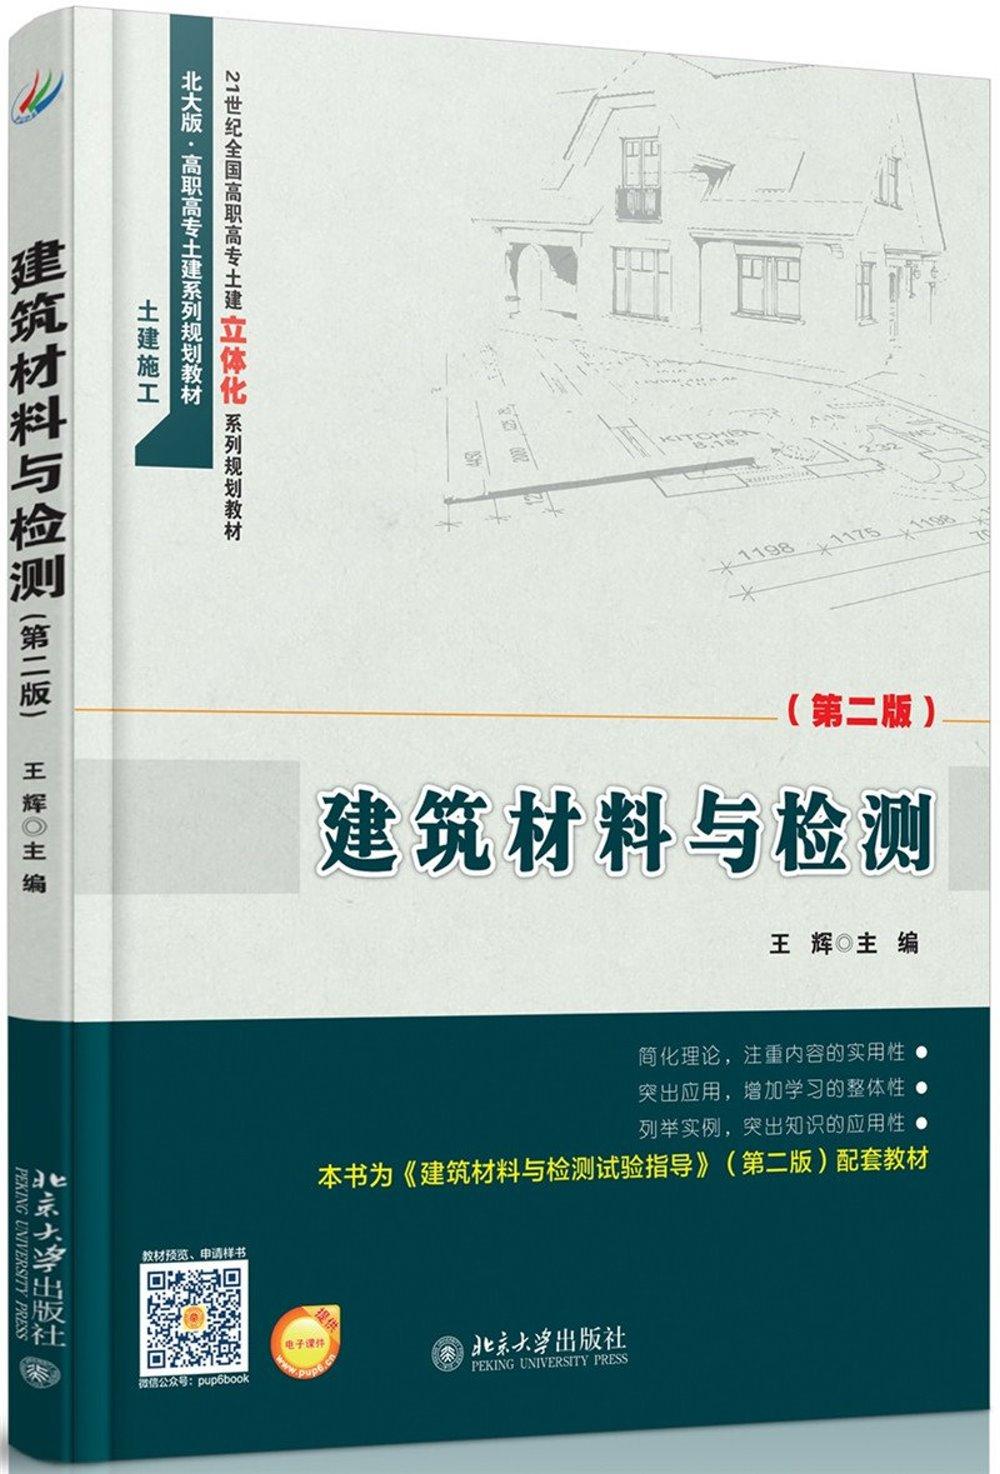 建築材料與檢測 第二版